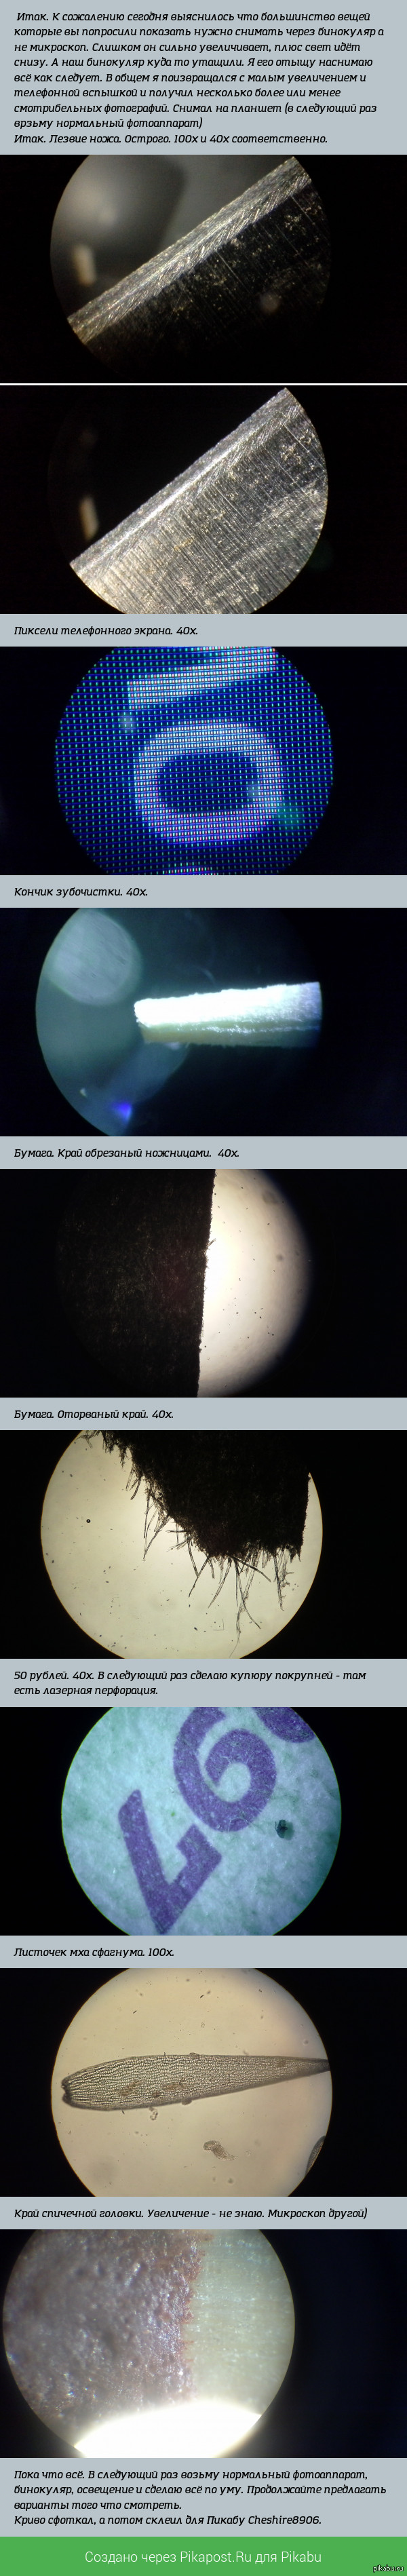 Фотографии с оптического микроскопа. Криво косо и ужасно. Обещаю что исправлюсь.